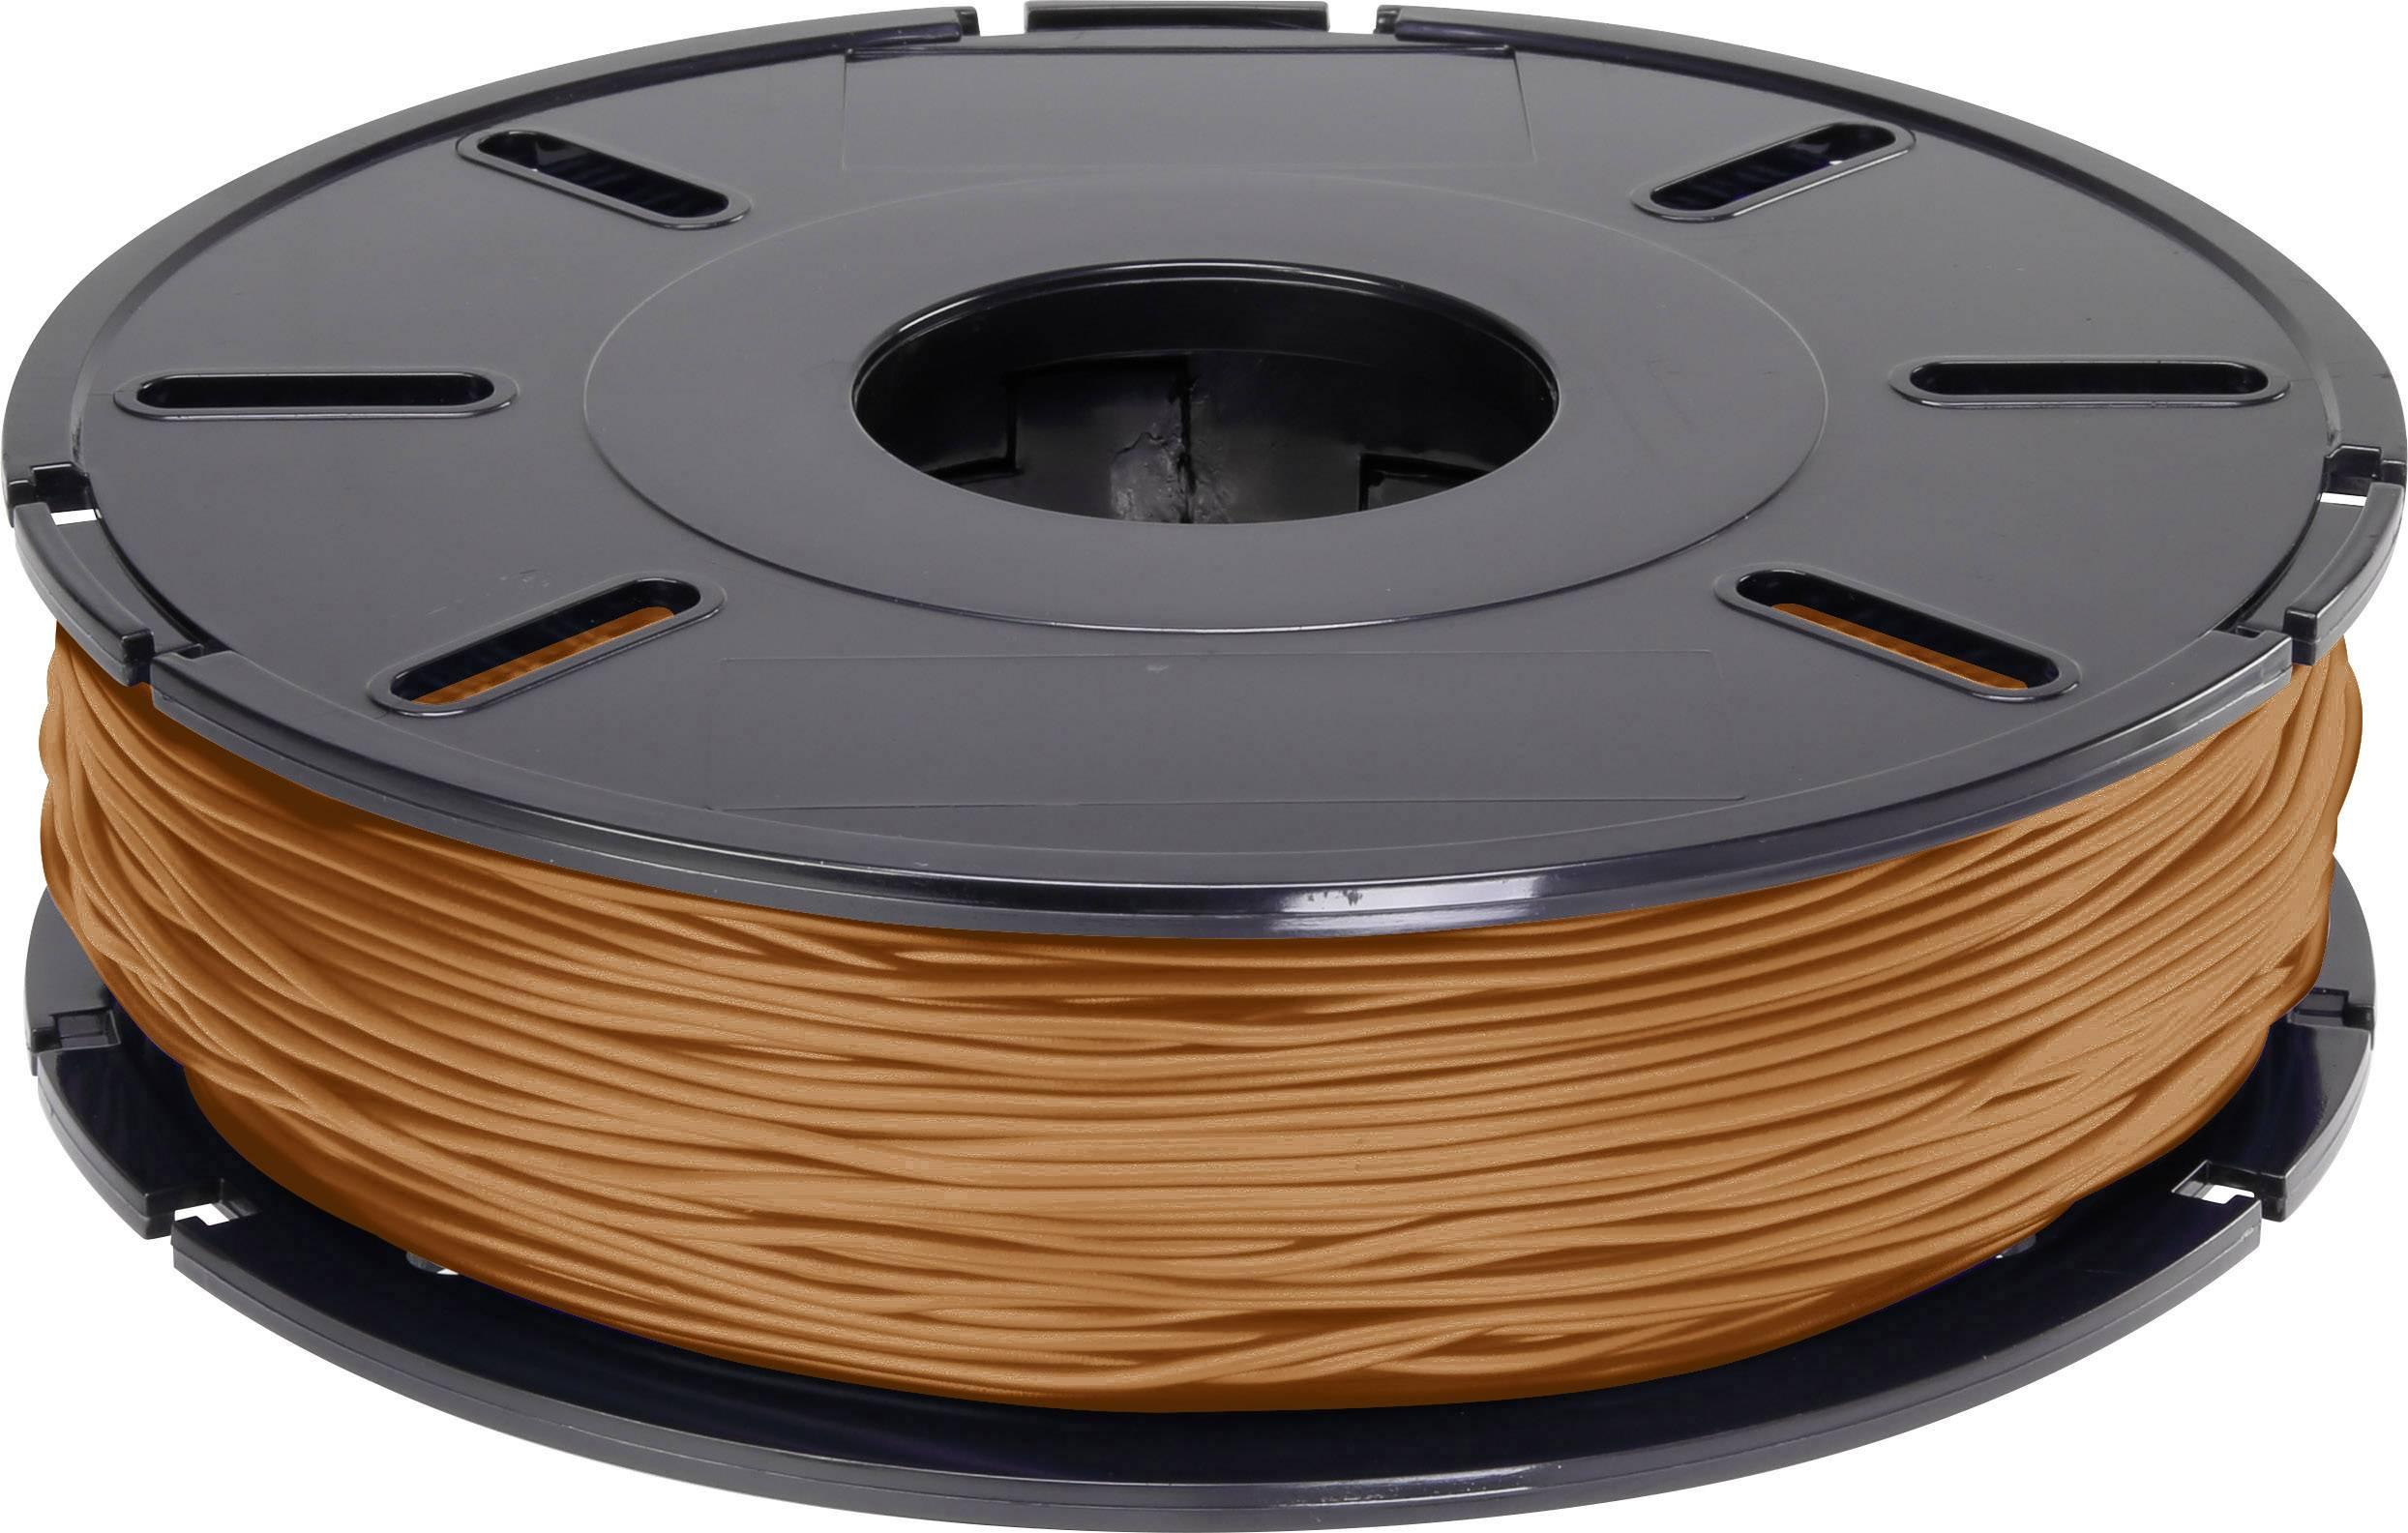 Vlákno pro 3D tiskárny Renkforce 01.04.15.5202, kompozit PLA, 2.85 mm, 500 g, bronzová